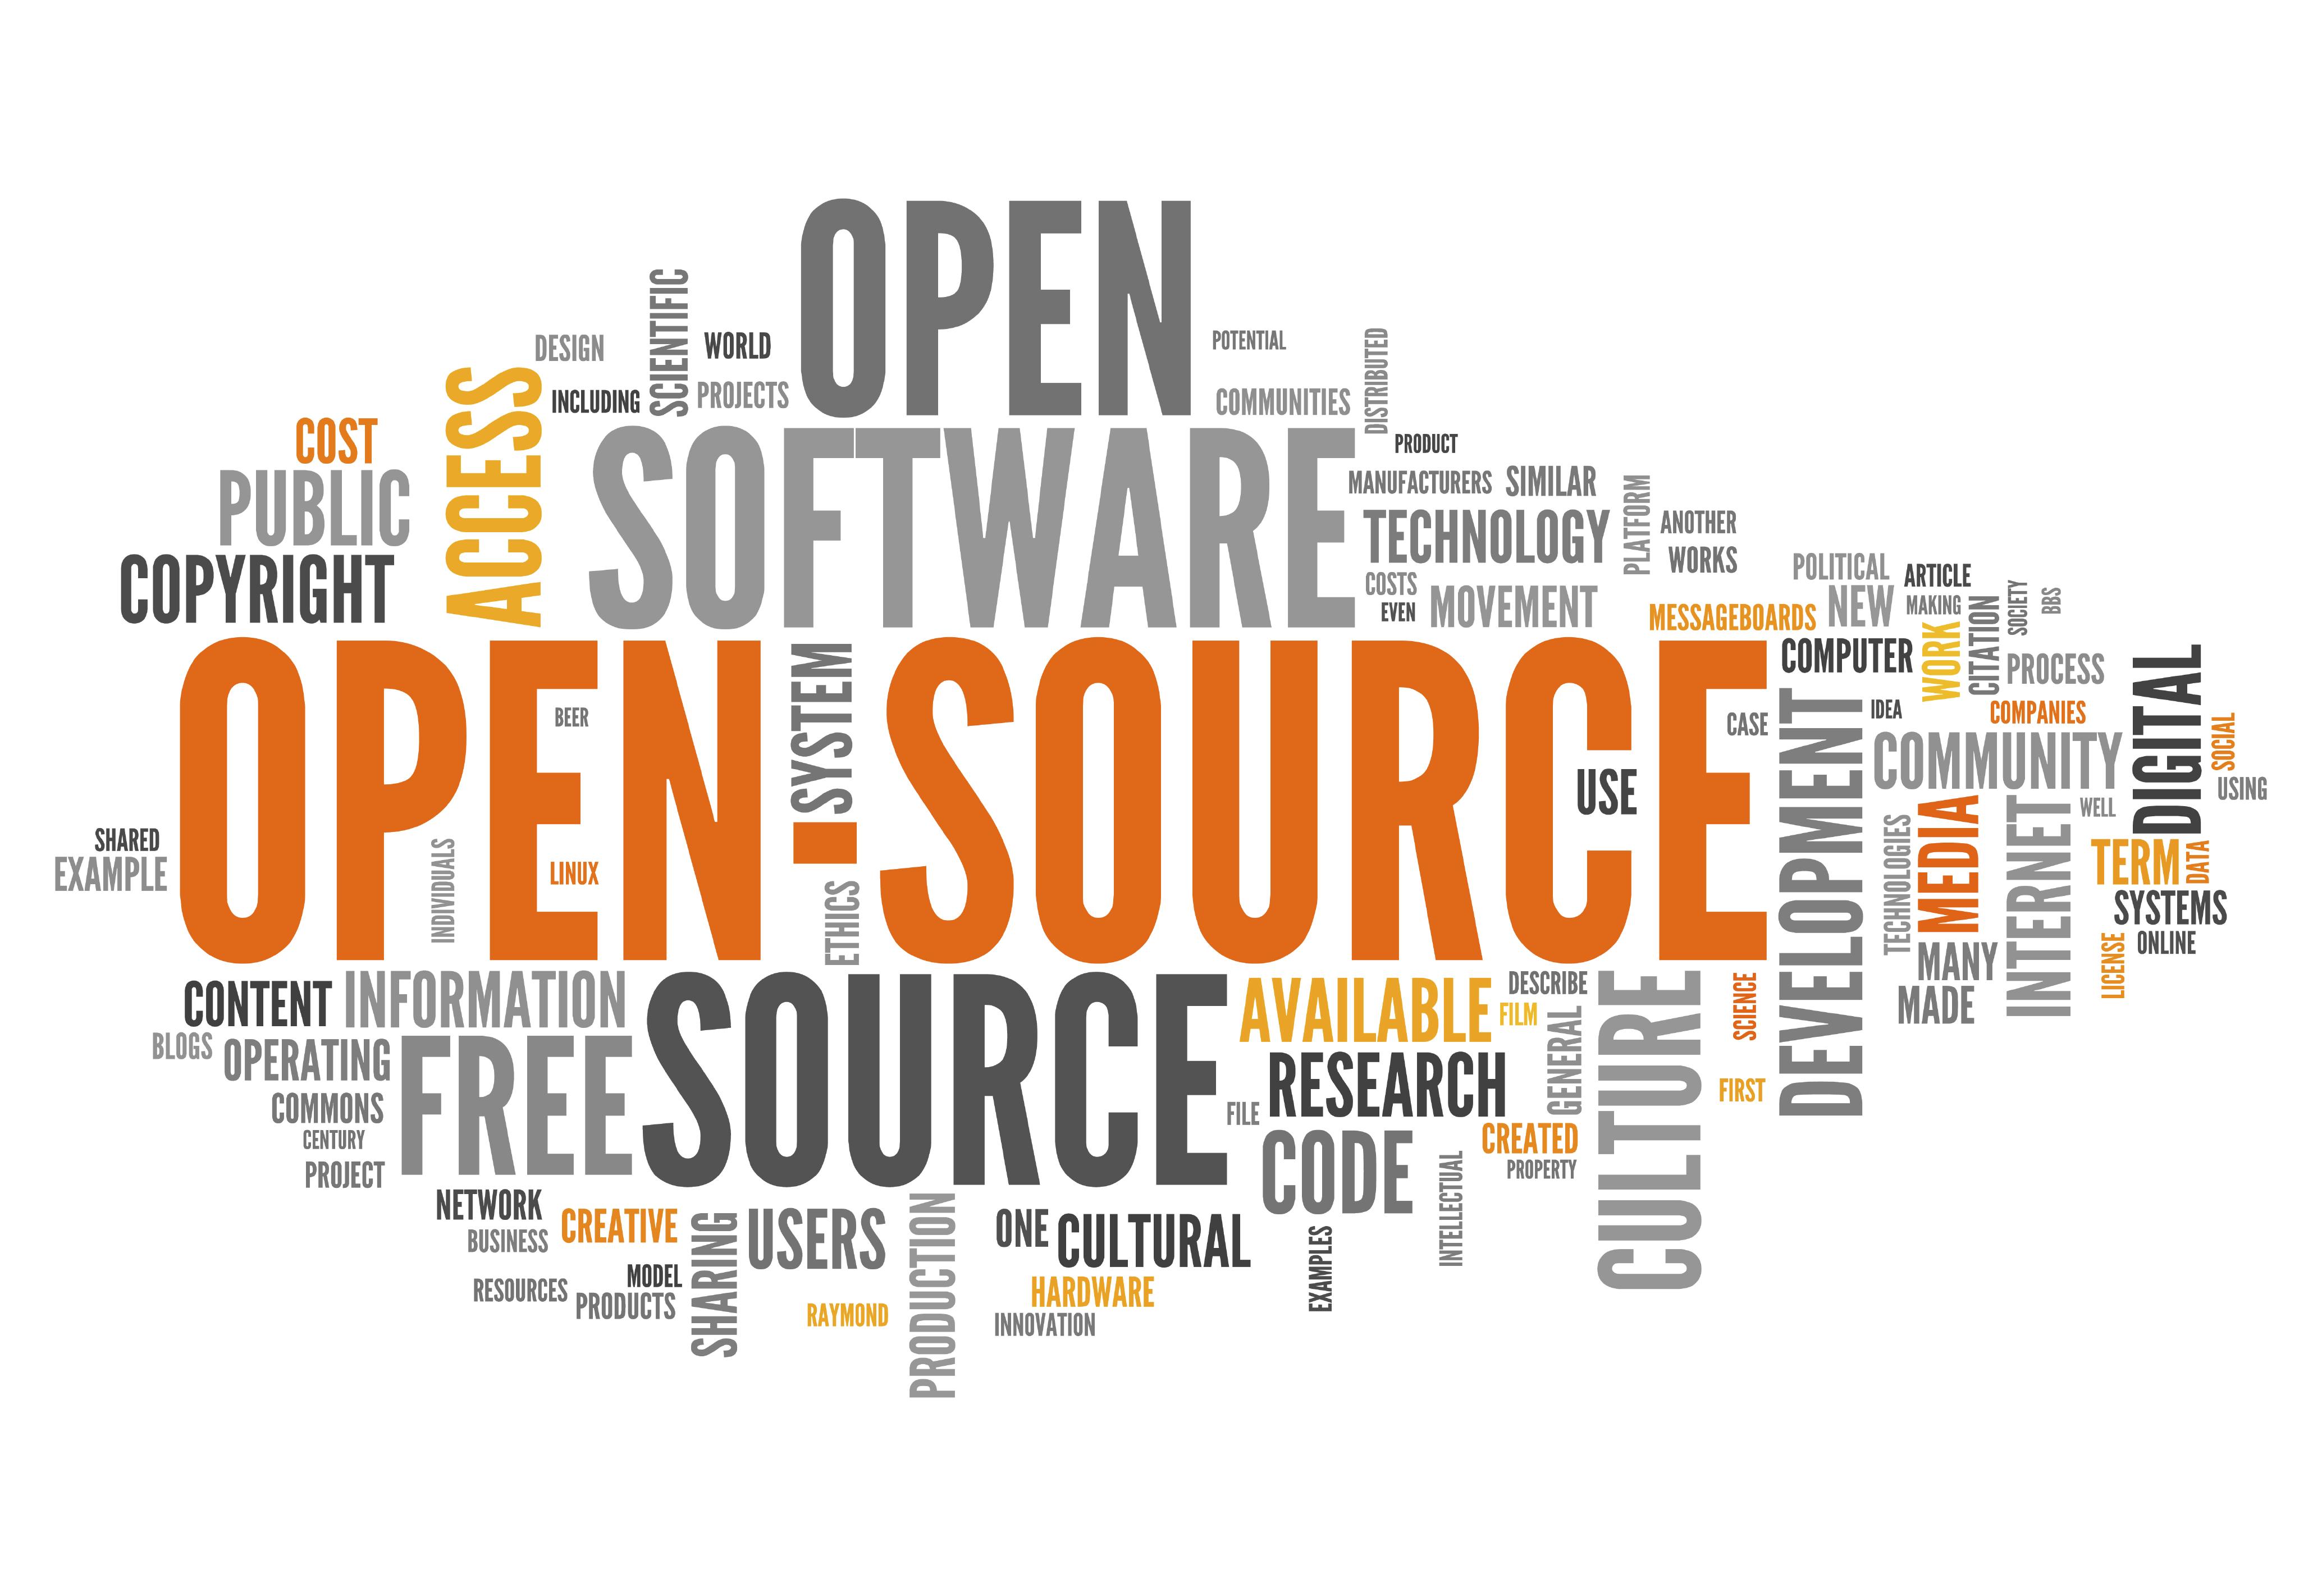 программное обеспечение Open Source